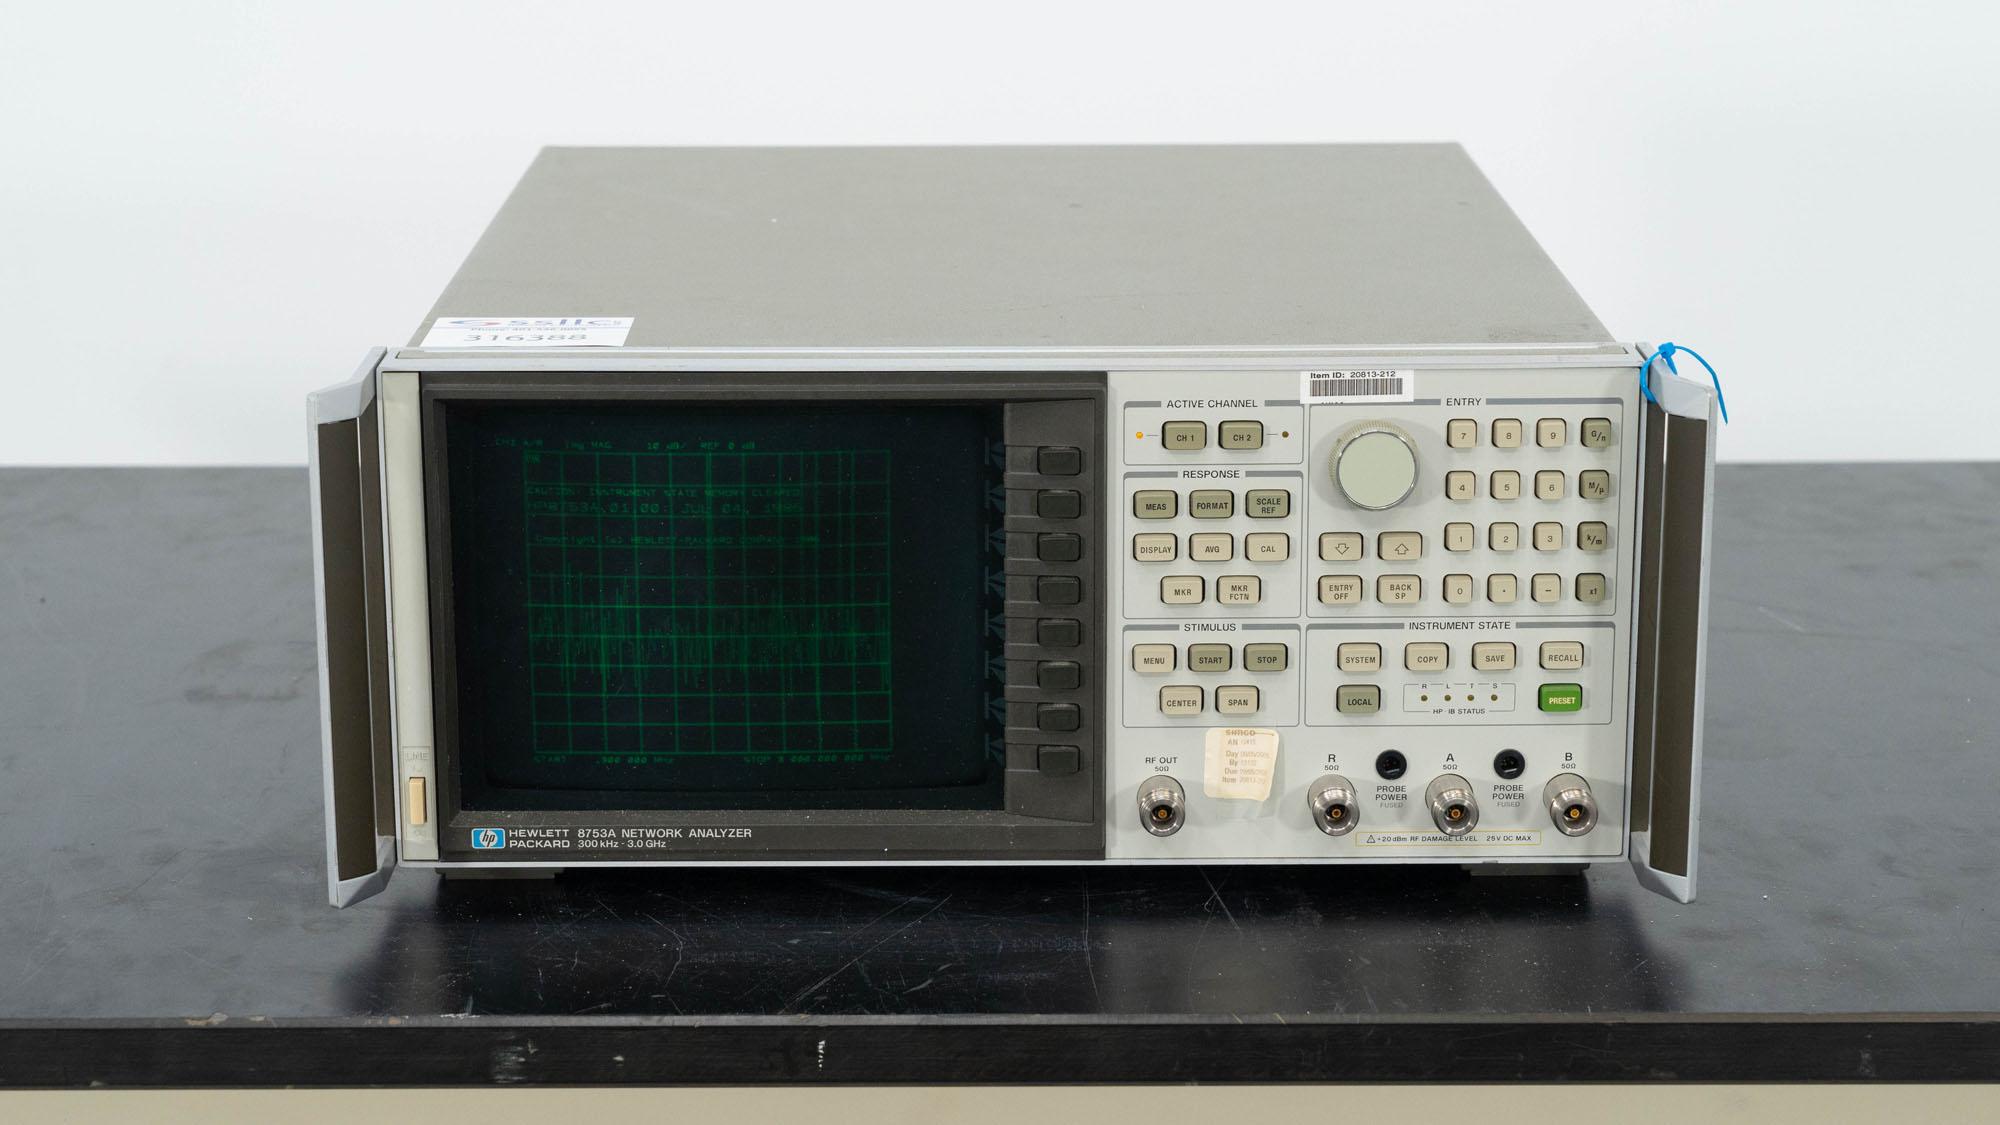 Hewlett Packard Network Analyzer, Model 8753A